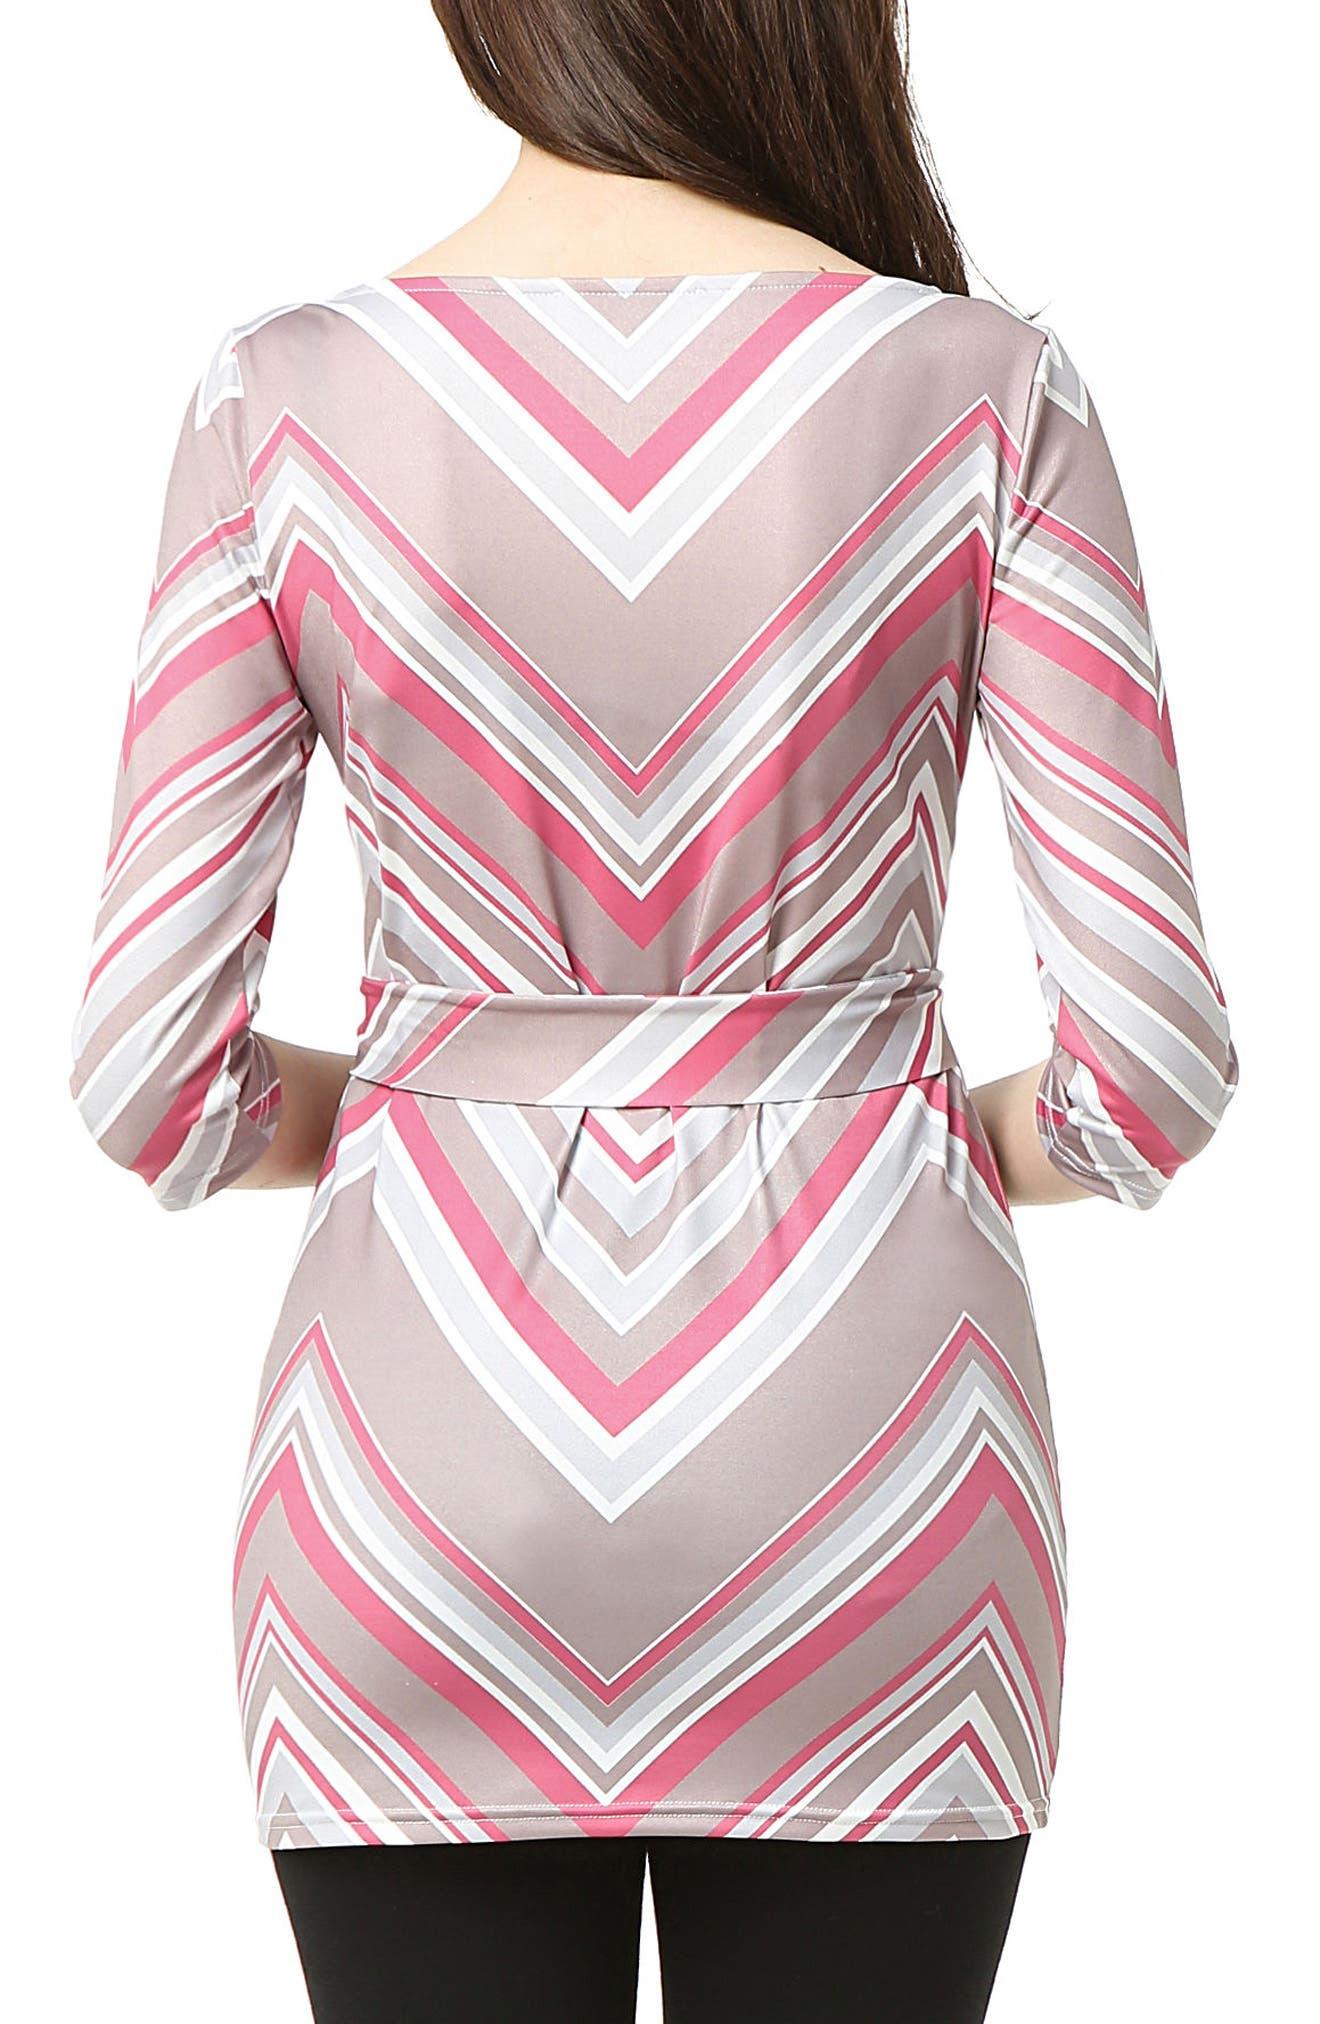 Delia Chevron Maternity Top,                             Alternate thumbnail 2, color,                             Multicolored Stripe